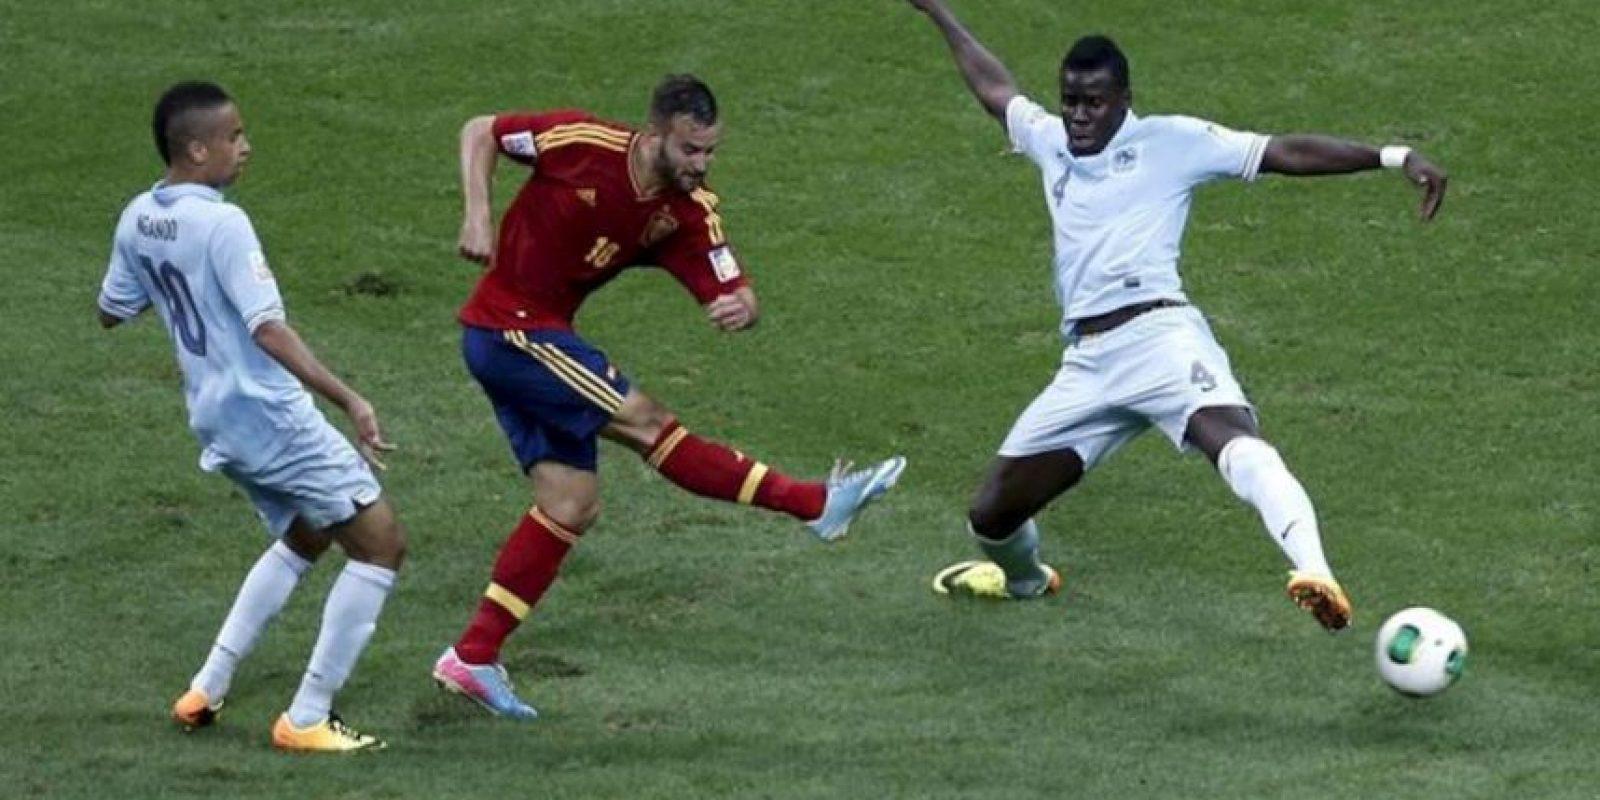 El jugador de la selección española Sub-20 Jese (c) dispara a portería ante los franceses Kurt Zouma (d) y Axel Ngando durante su correspondiente partido de la fase clasificatoria para el Mundial Sub-20 de Turquía 2013 disputado en el estadio Ali Sami Yen de Estambul (Turquía). EFE